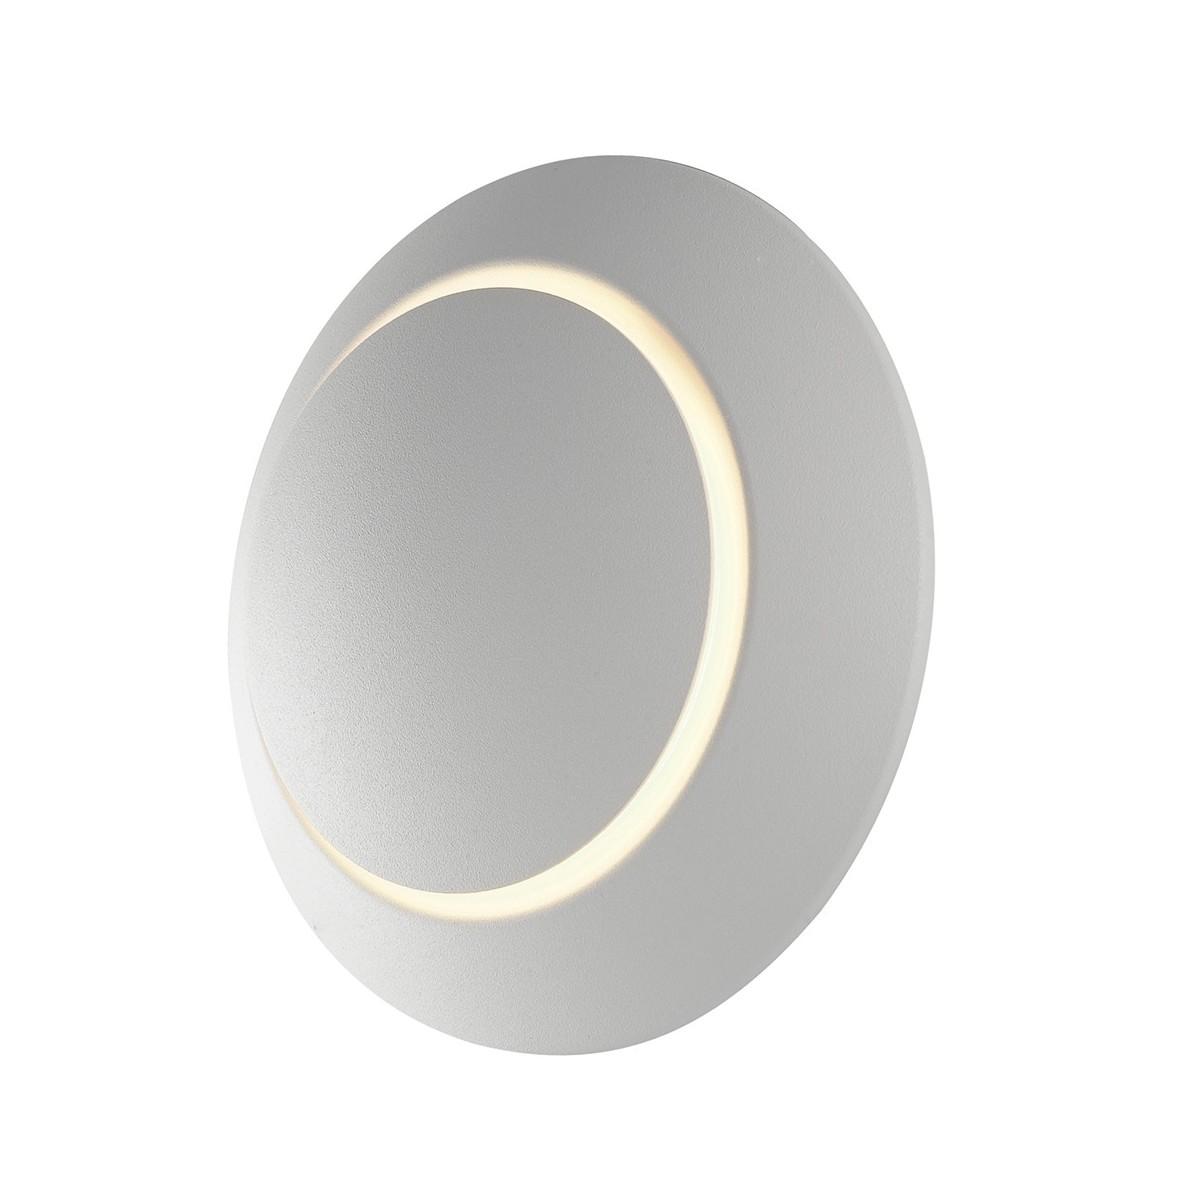 Applique a led tondo in alluminio bianco